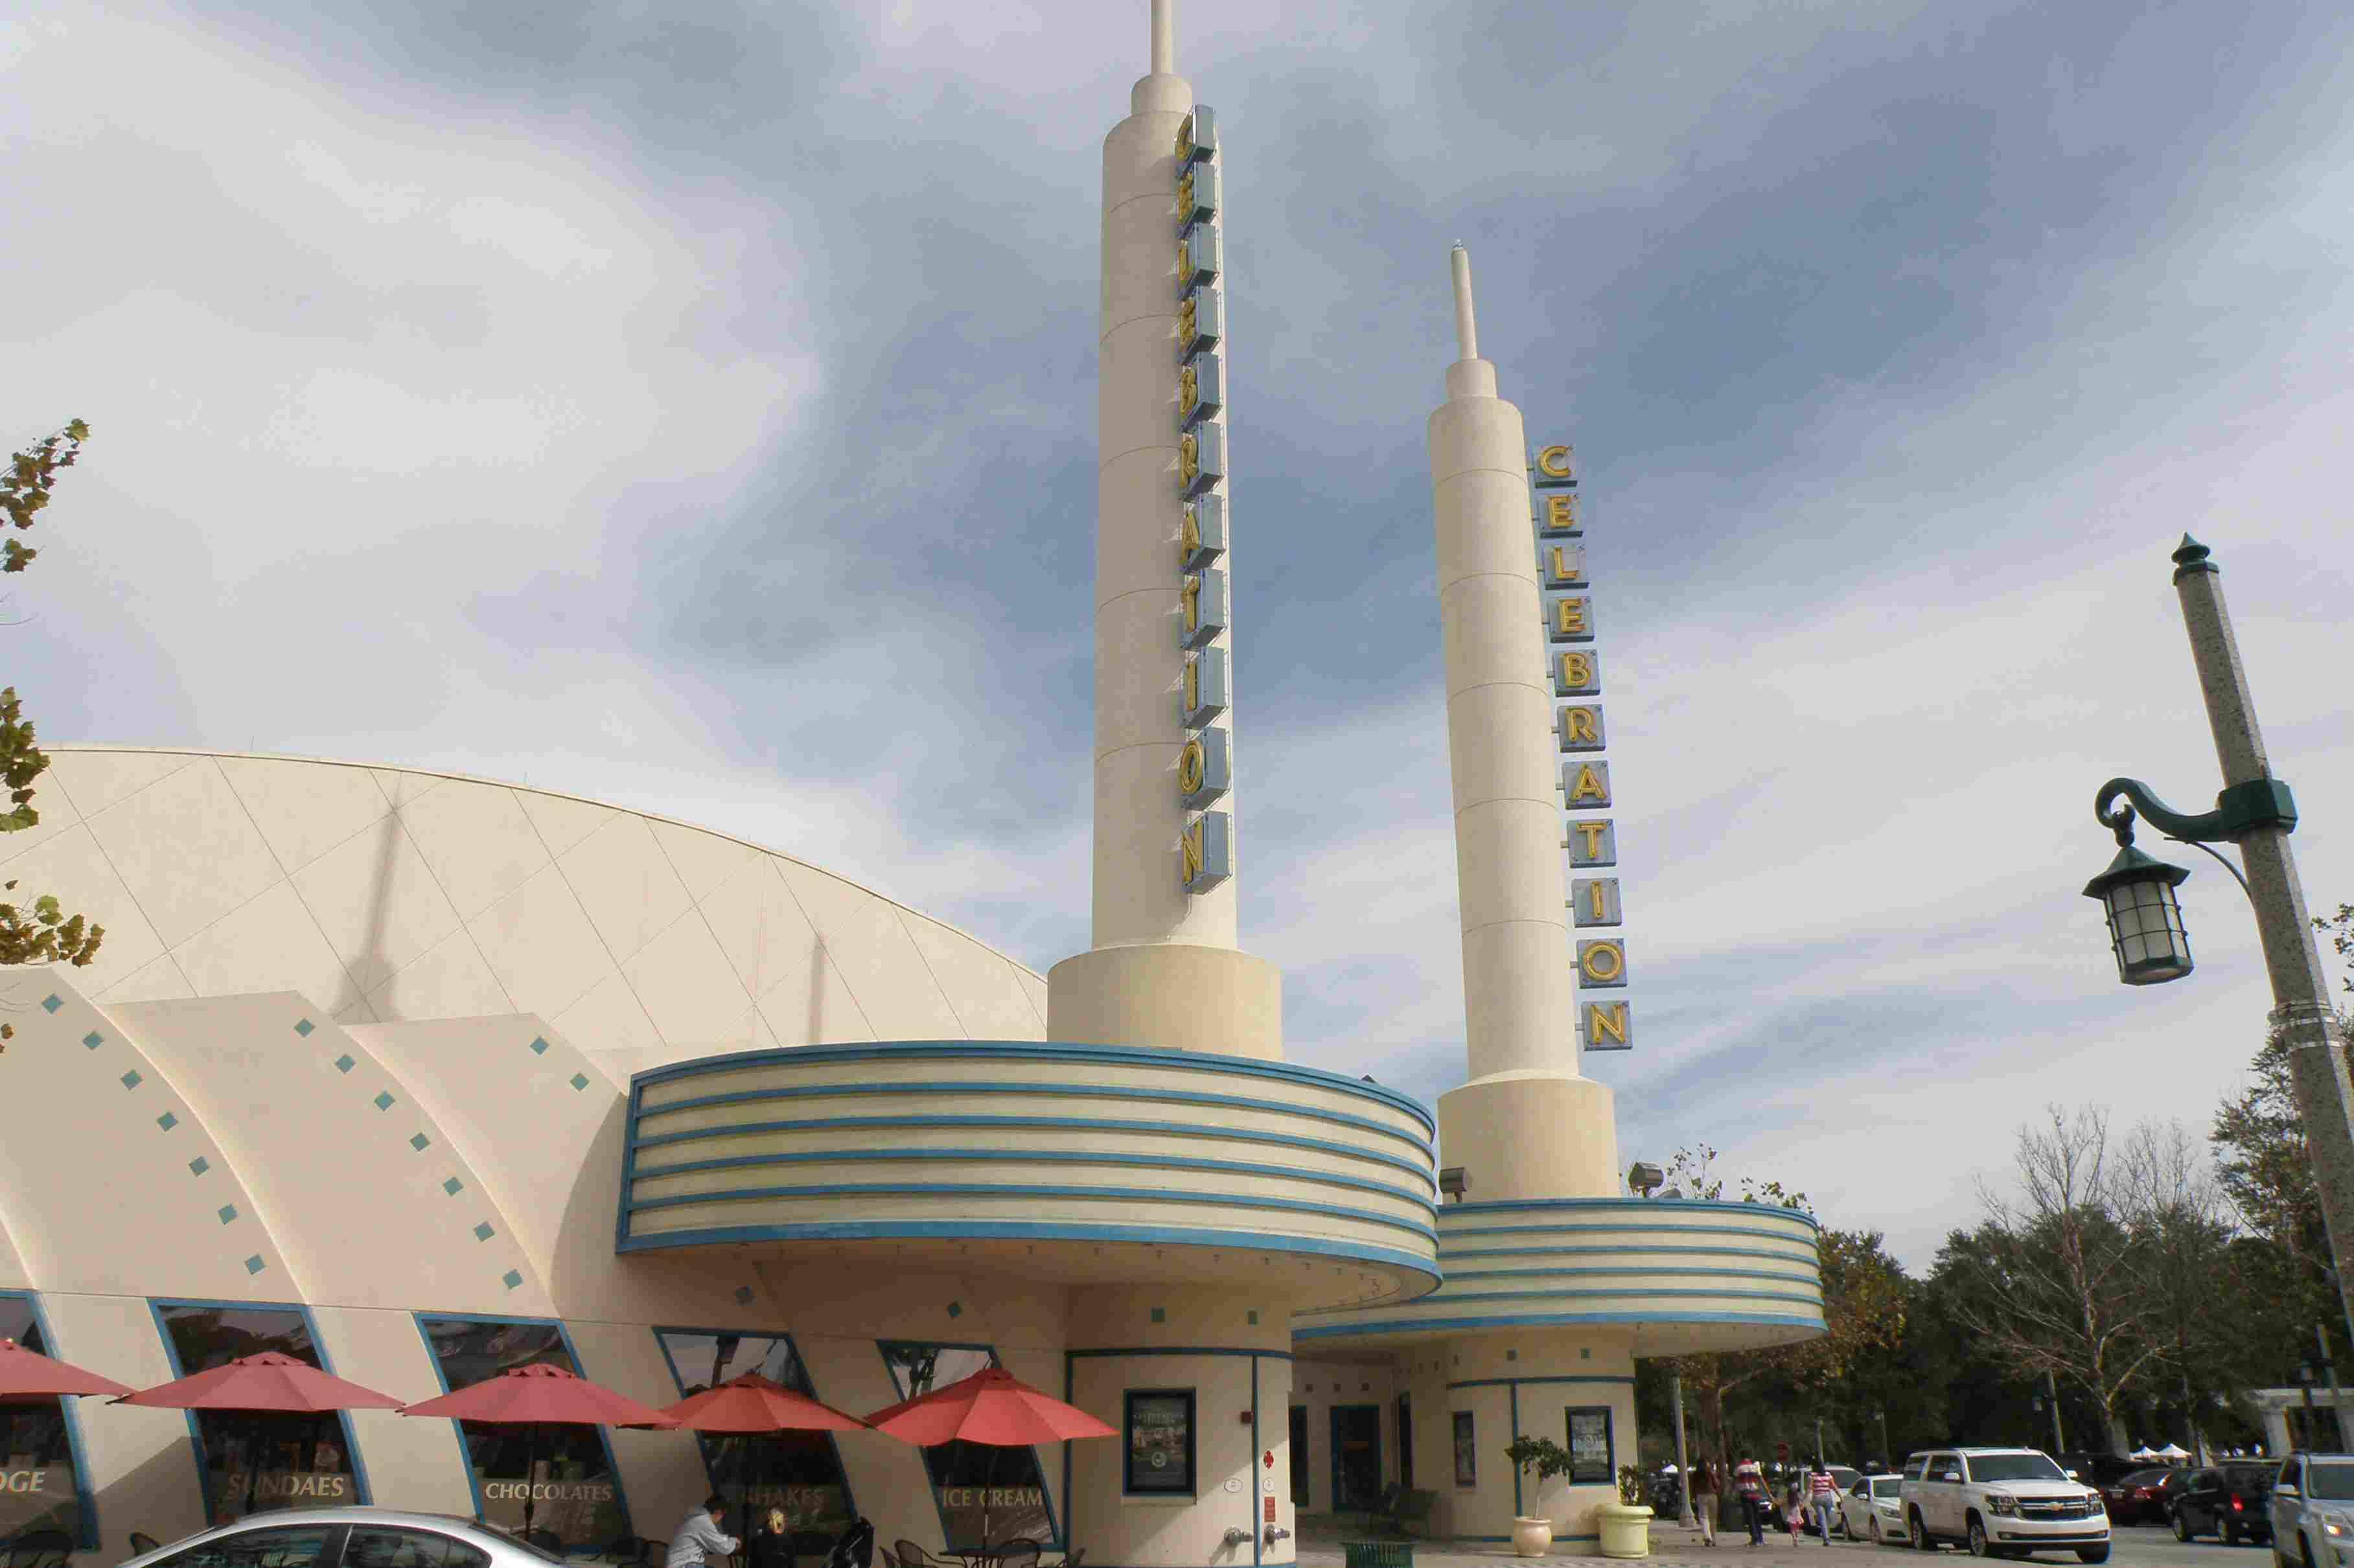 Cine con curvas y torres, muy llamativo y moderno.